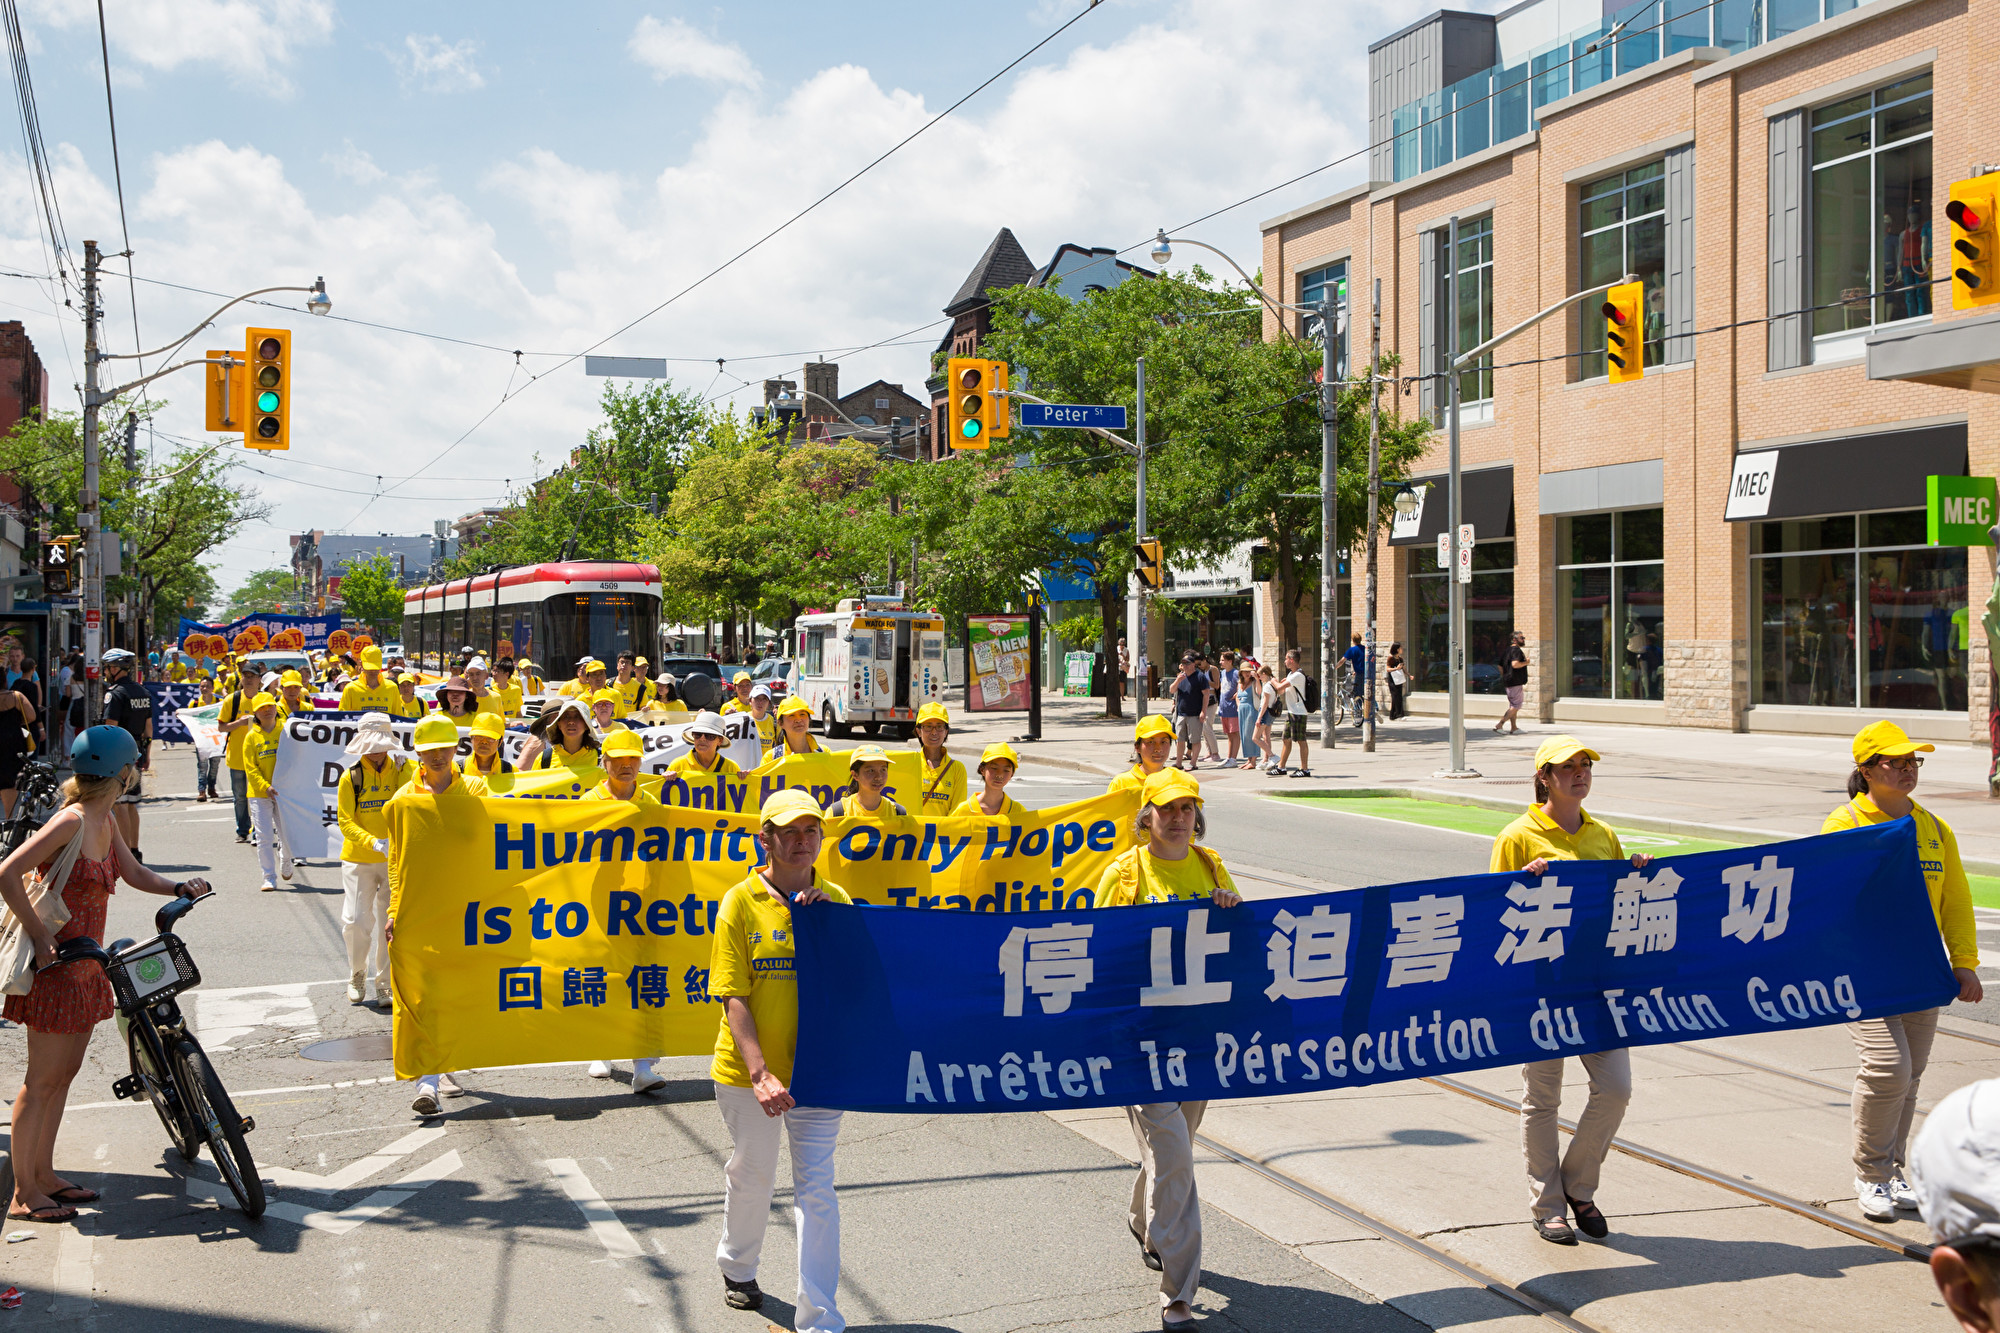 7月20日,加東地區法輪功學員舉行盛大遊行,紀念反迫害20周年,圖為學員手拿橫幅「停止迫害法輪功。(艾文/大紀元)